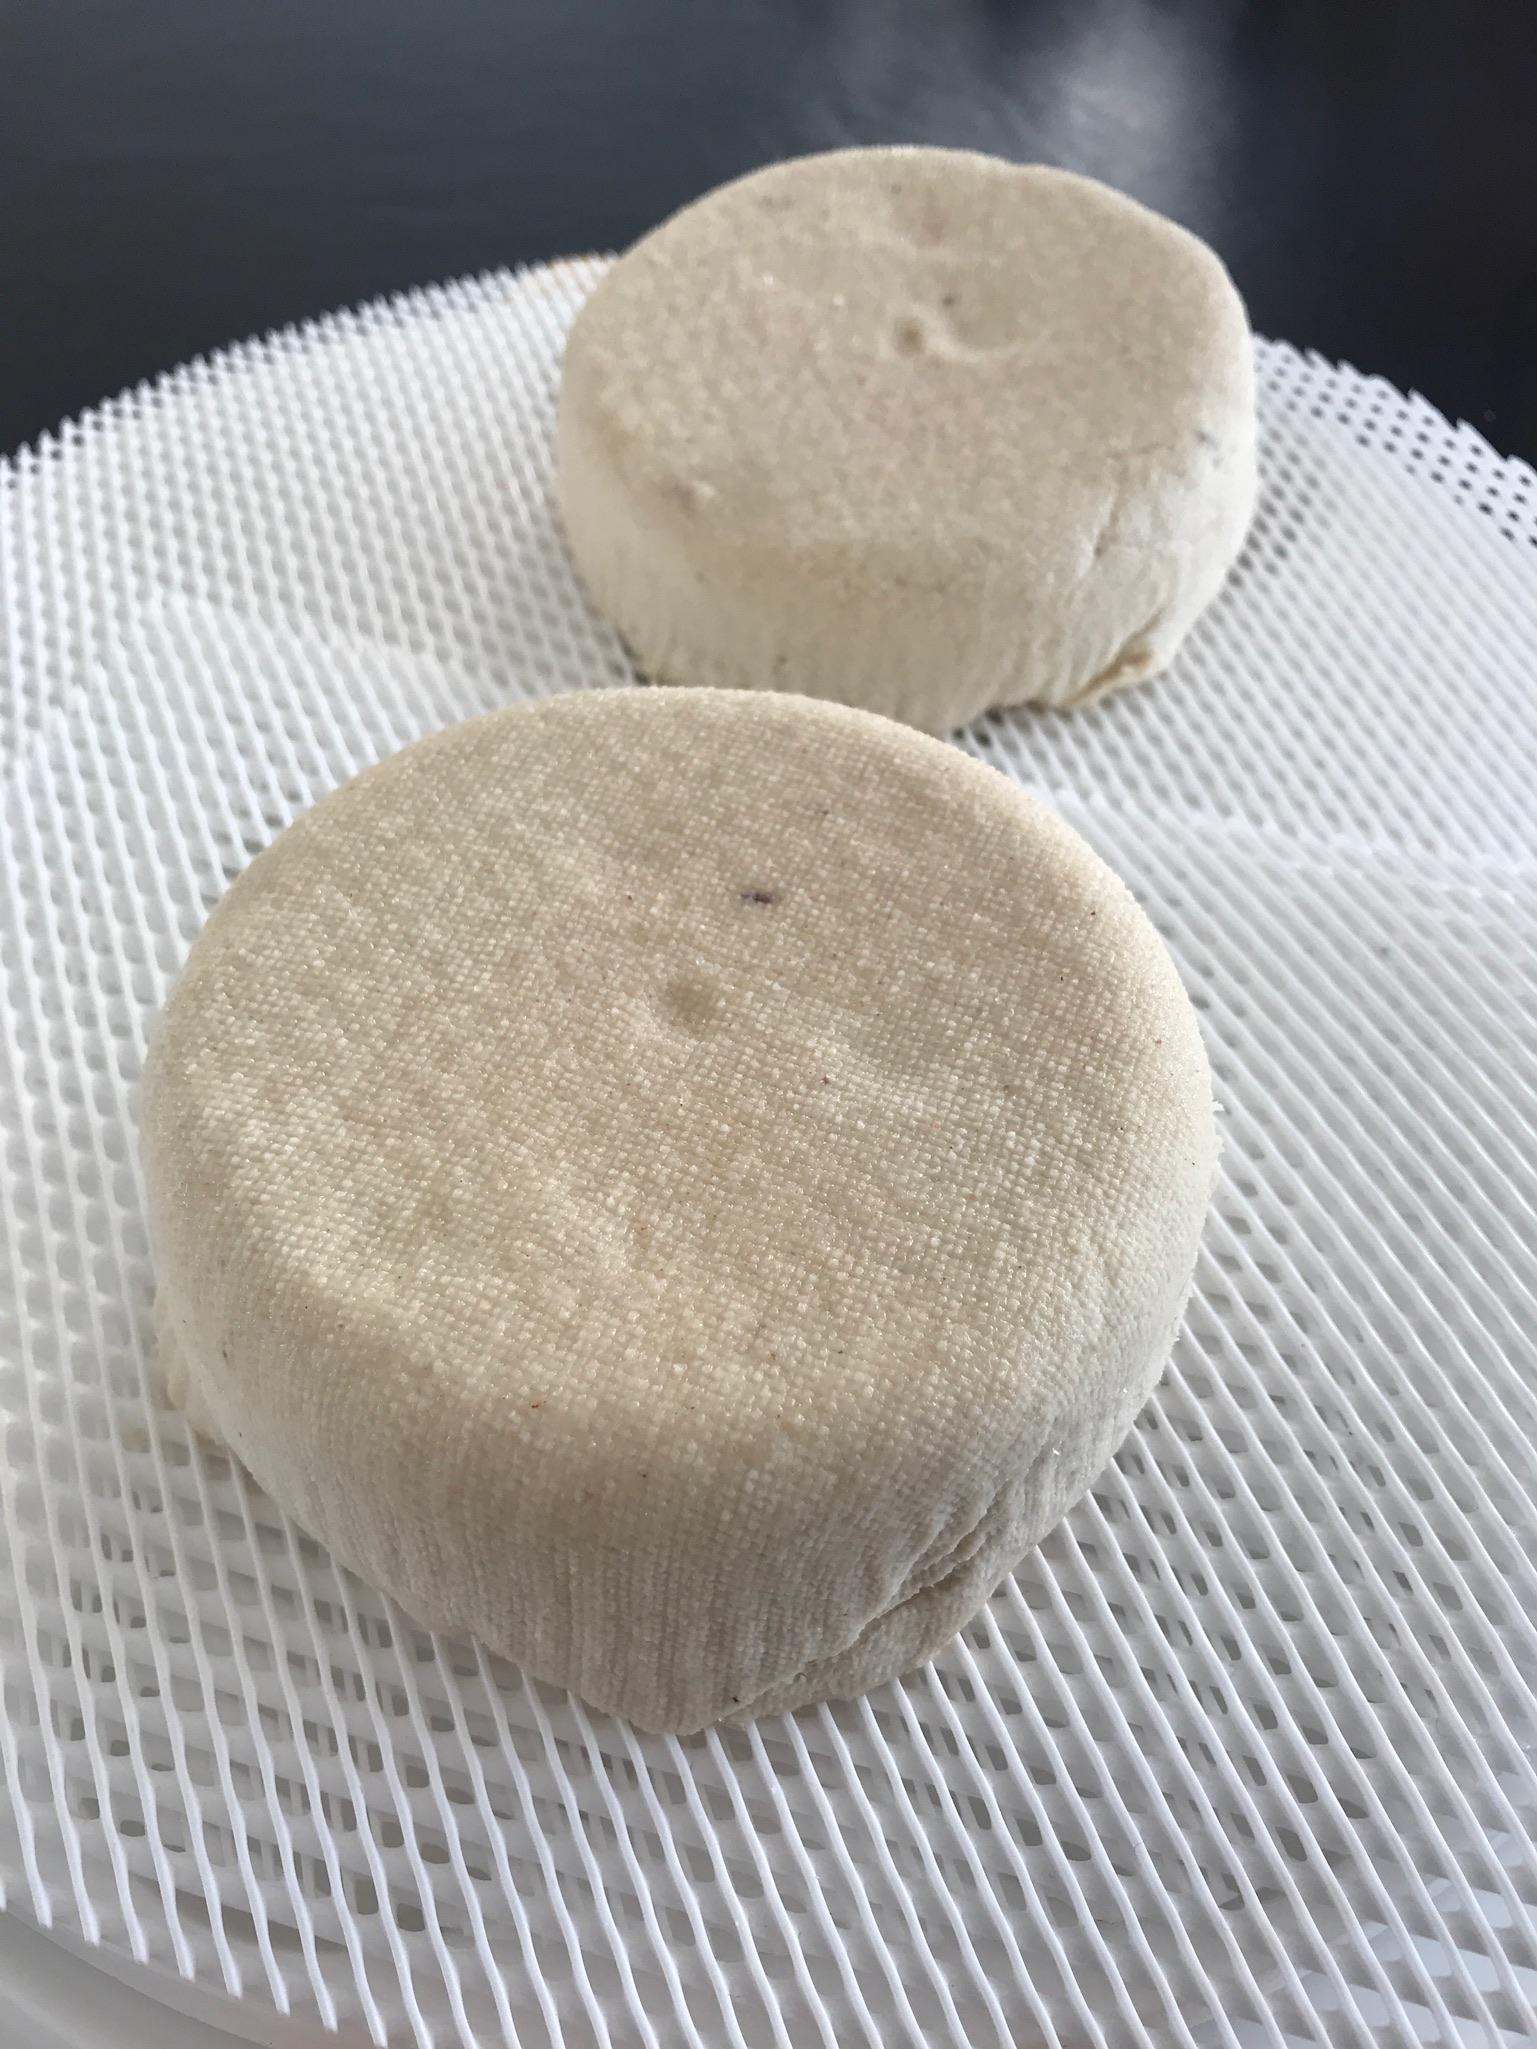 gedroogd en gezouten